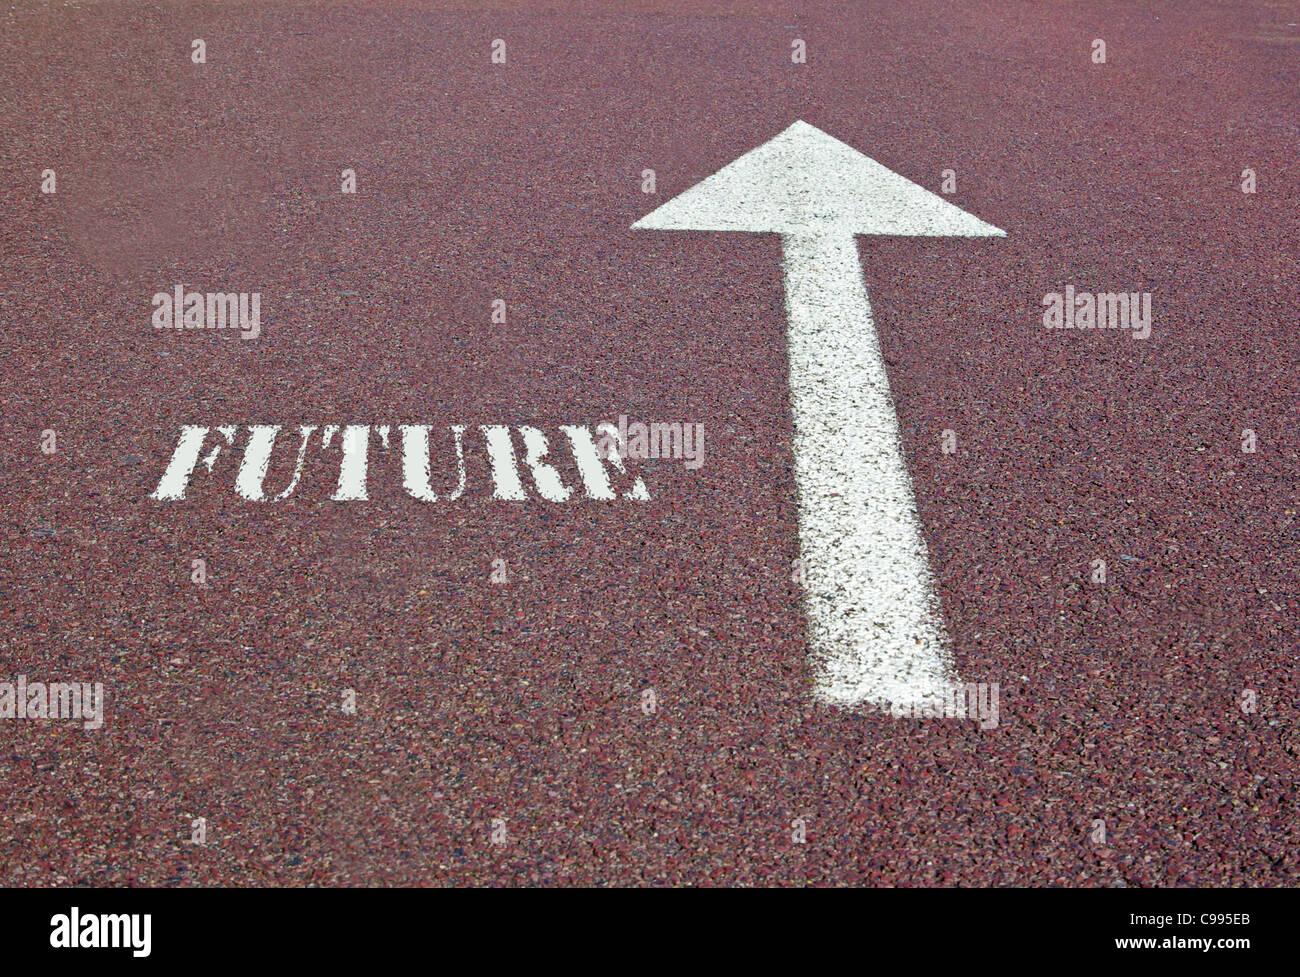 Una flecha en el asfalto que muestra la dirección futura Imagen De Stock